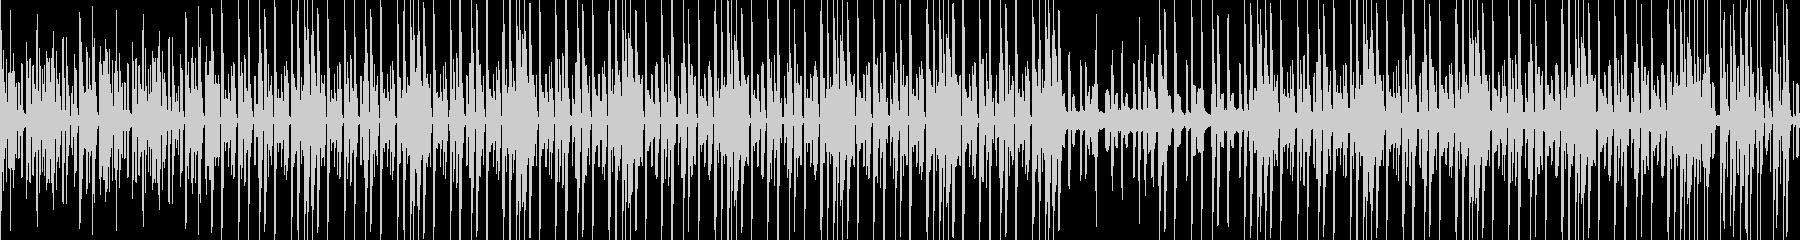 科学番組をイメージした静かな曲の未再生の波形